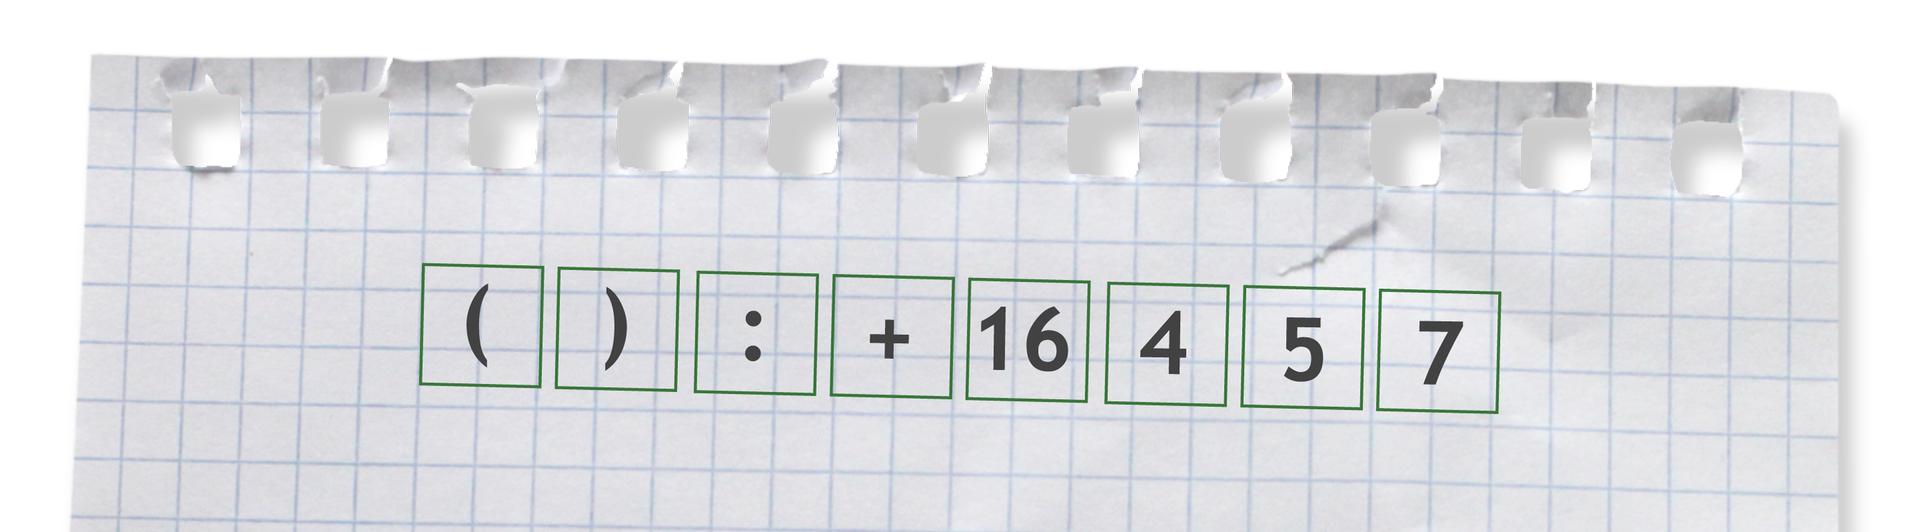 Podane nawiasy oraz znaki działań iliczby do ułożenia wyrażeń: +, :, 16, 4, 5, 7.